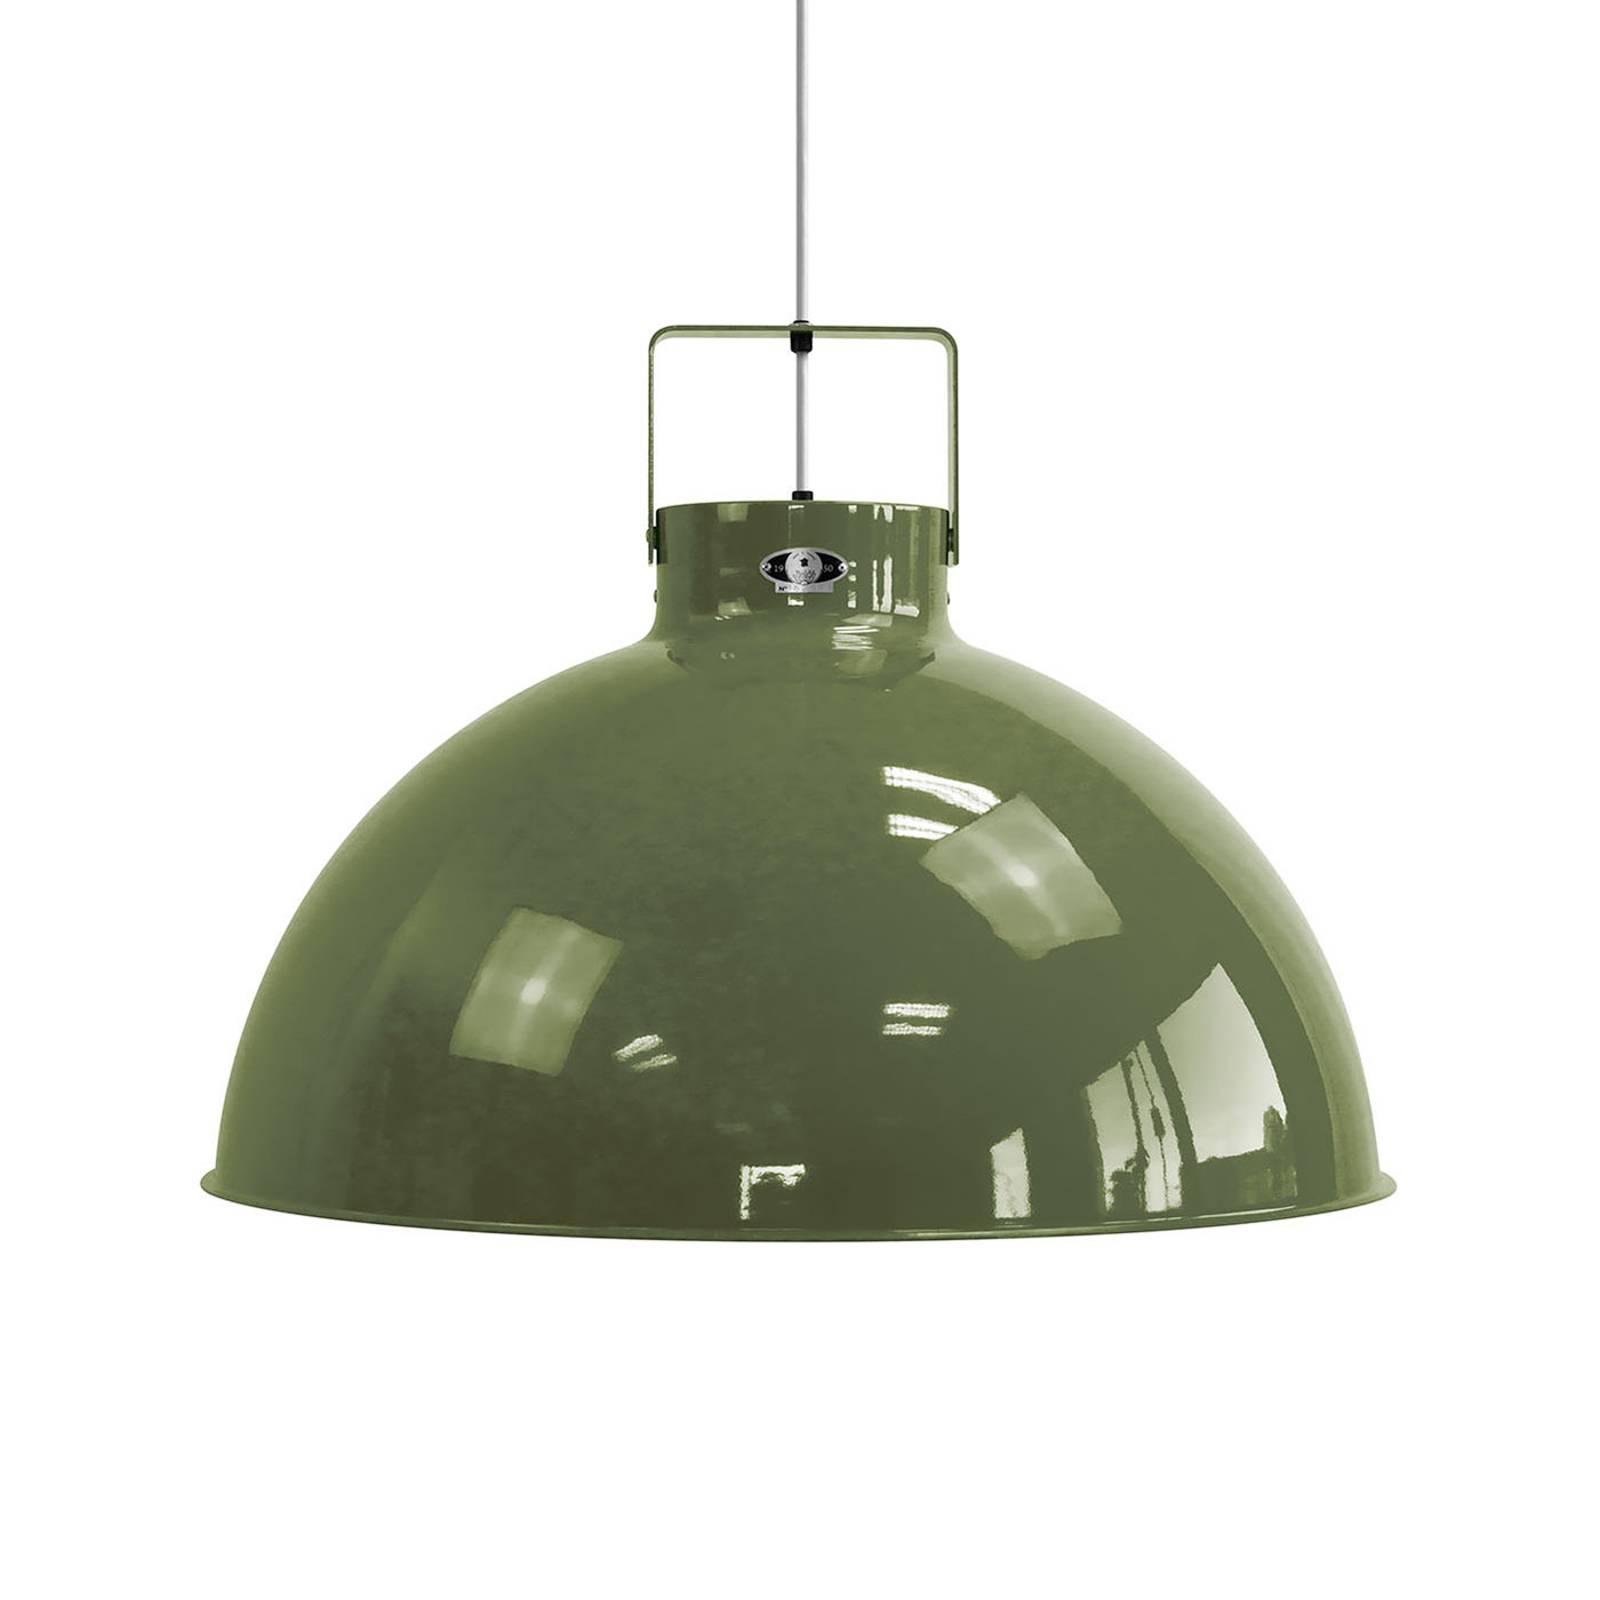 Jieldé Dante D675 hanglamp, olijfgroen, Ø 67,5cm